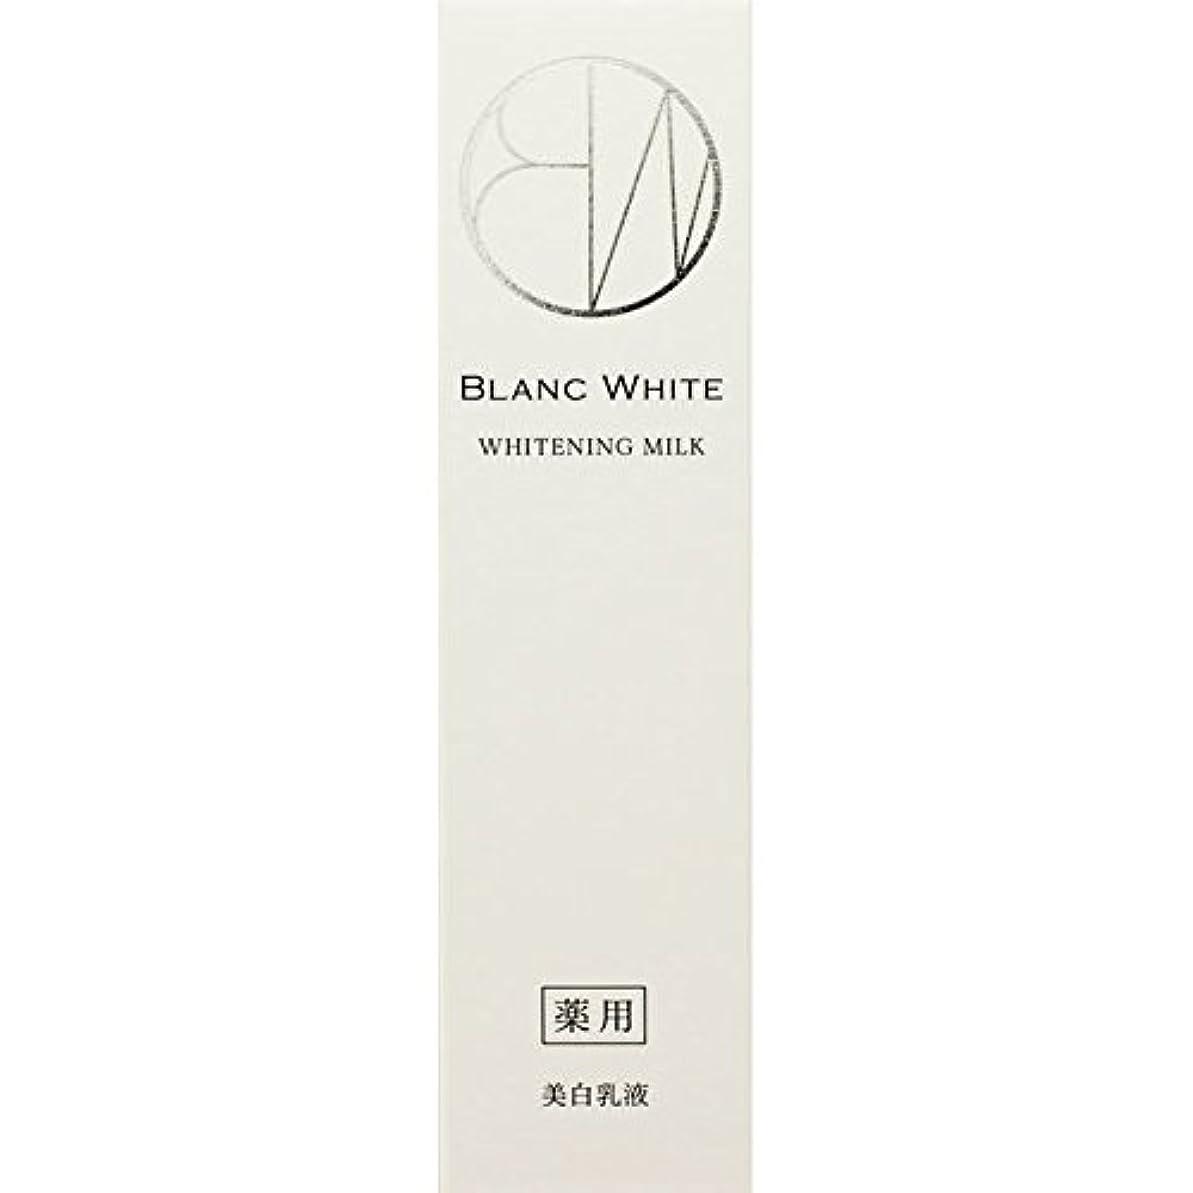 好きであるラップ強化ブランホワイト ホワイトニングミルク 125ml (医薬部外品)